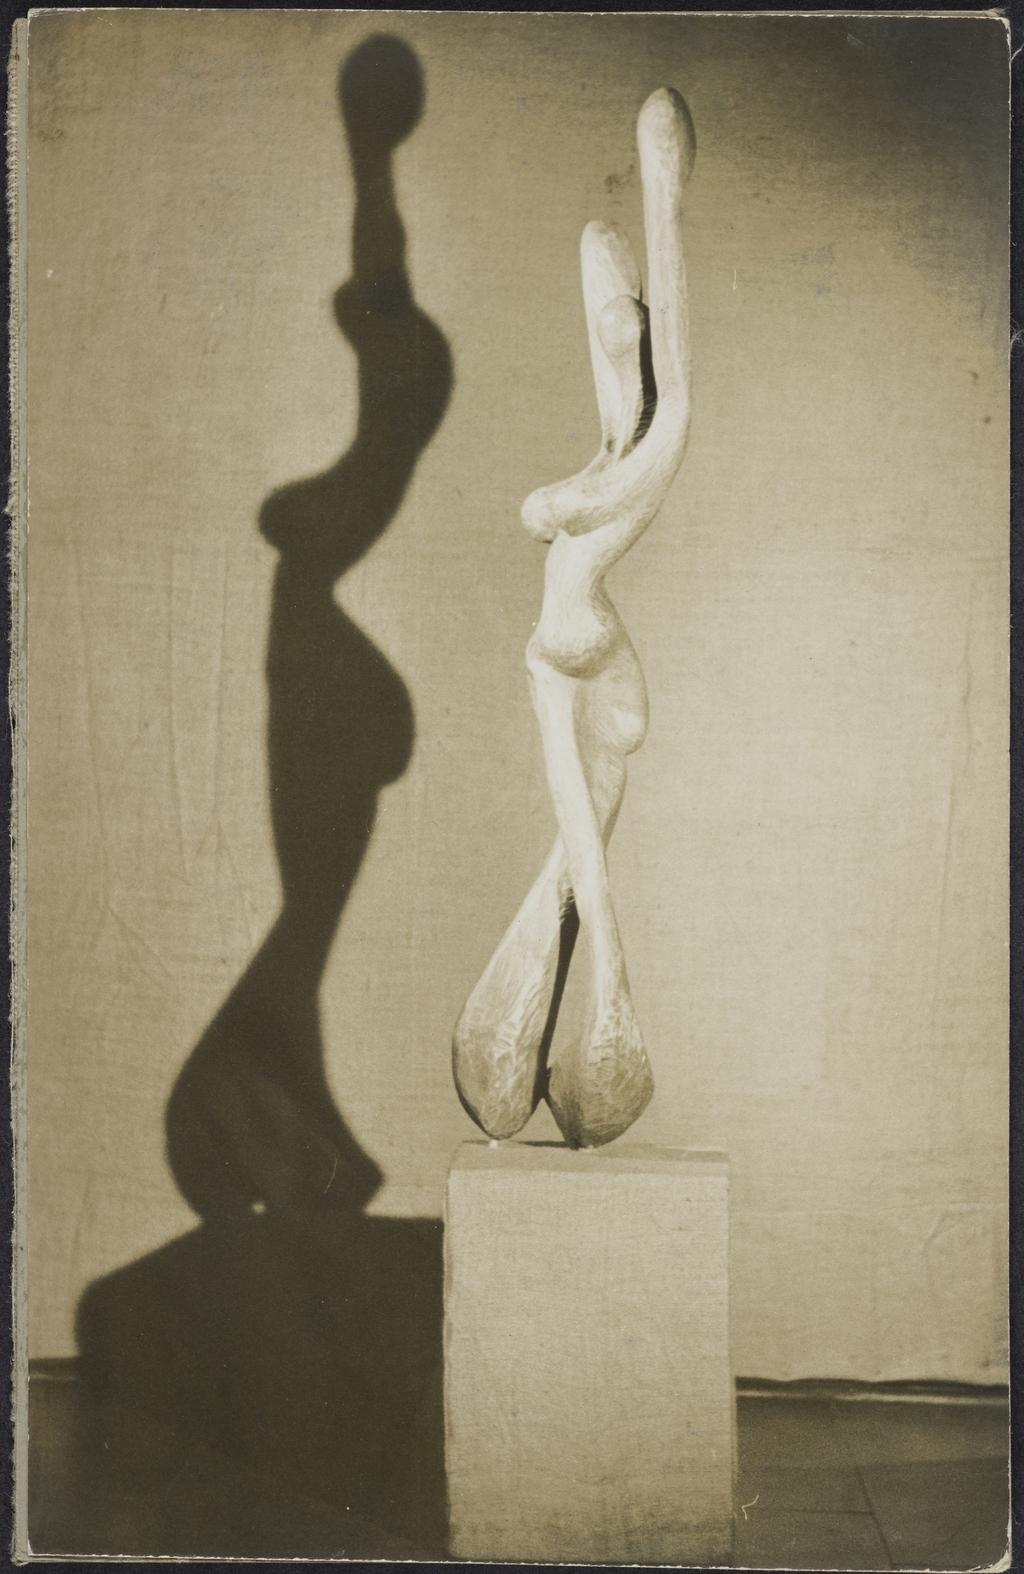 « Femme qui danse », 1953 (sculpture de Robert Roussil)